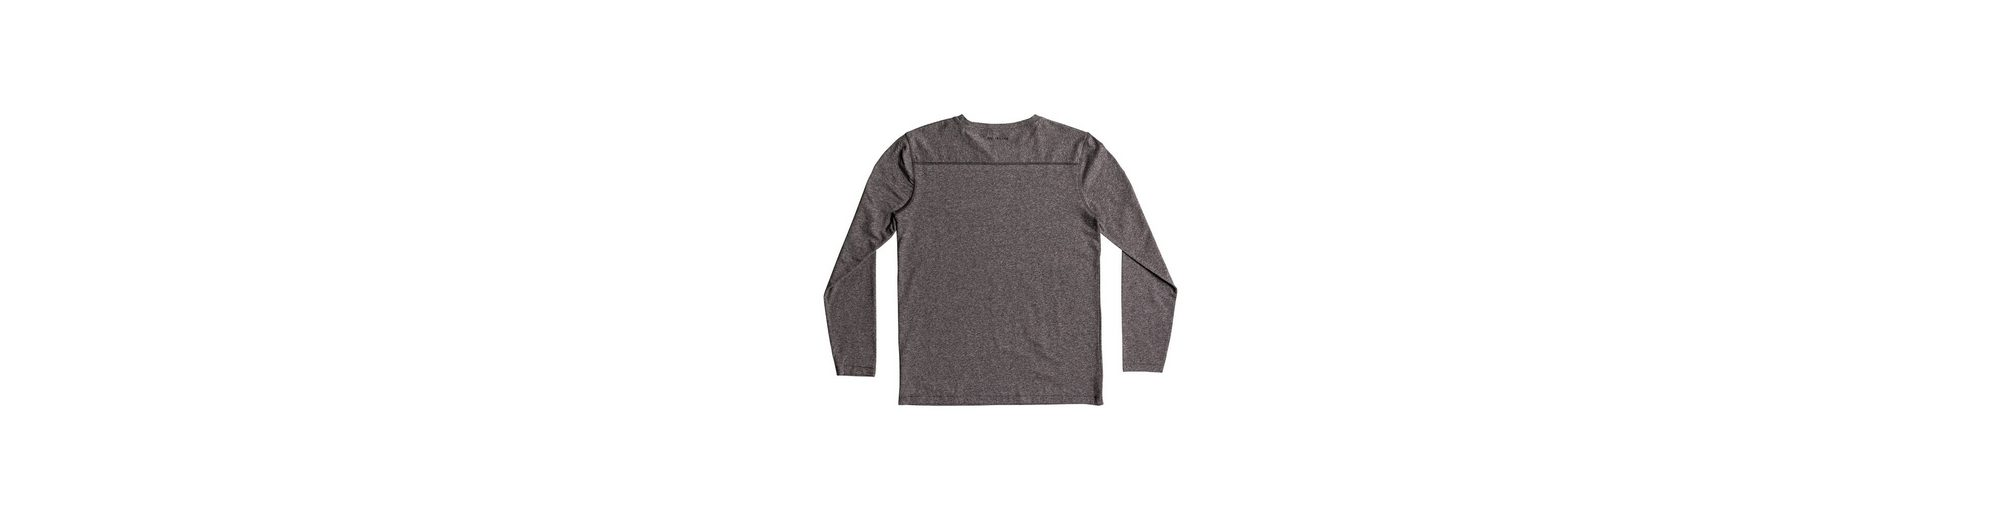 Freiraum Für Billig Outlet Mode-Stil Quiksilver Funktionelles Langarm-T-Shirt Wyn Yard Freies Verschiffen Klassische Günstigsten Preis Zu Verkaufen Erschwinglich Günstig Online Z1b03L